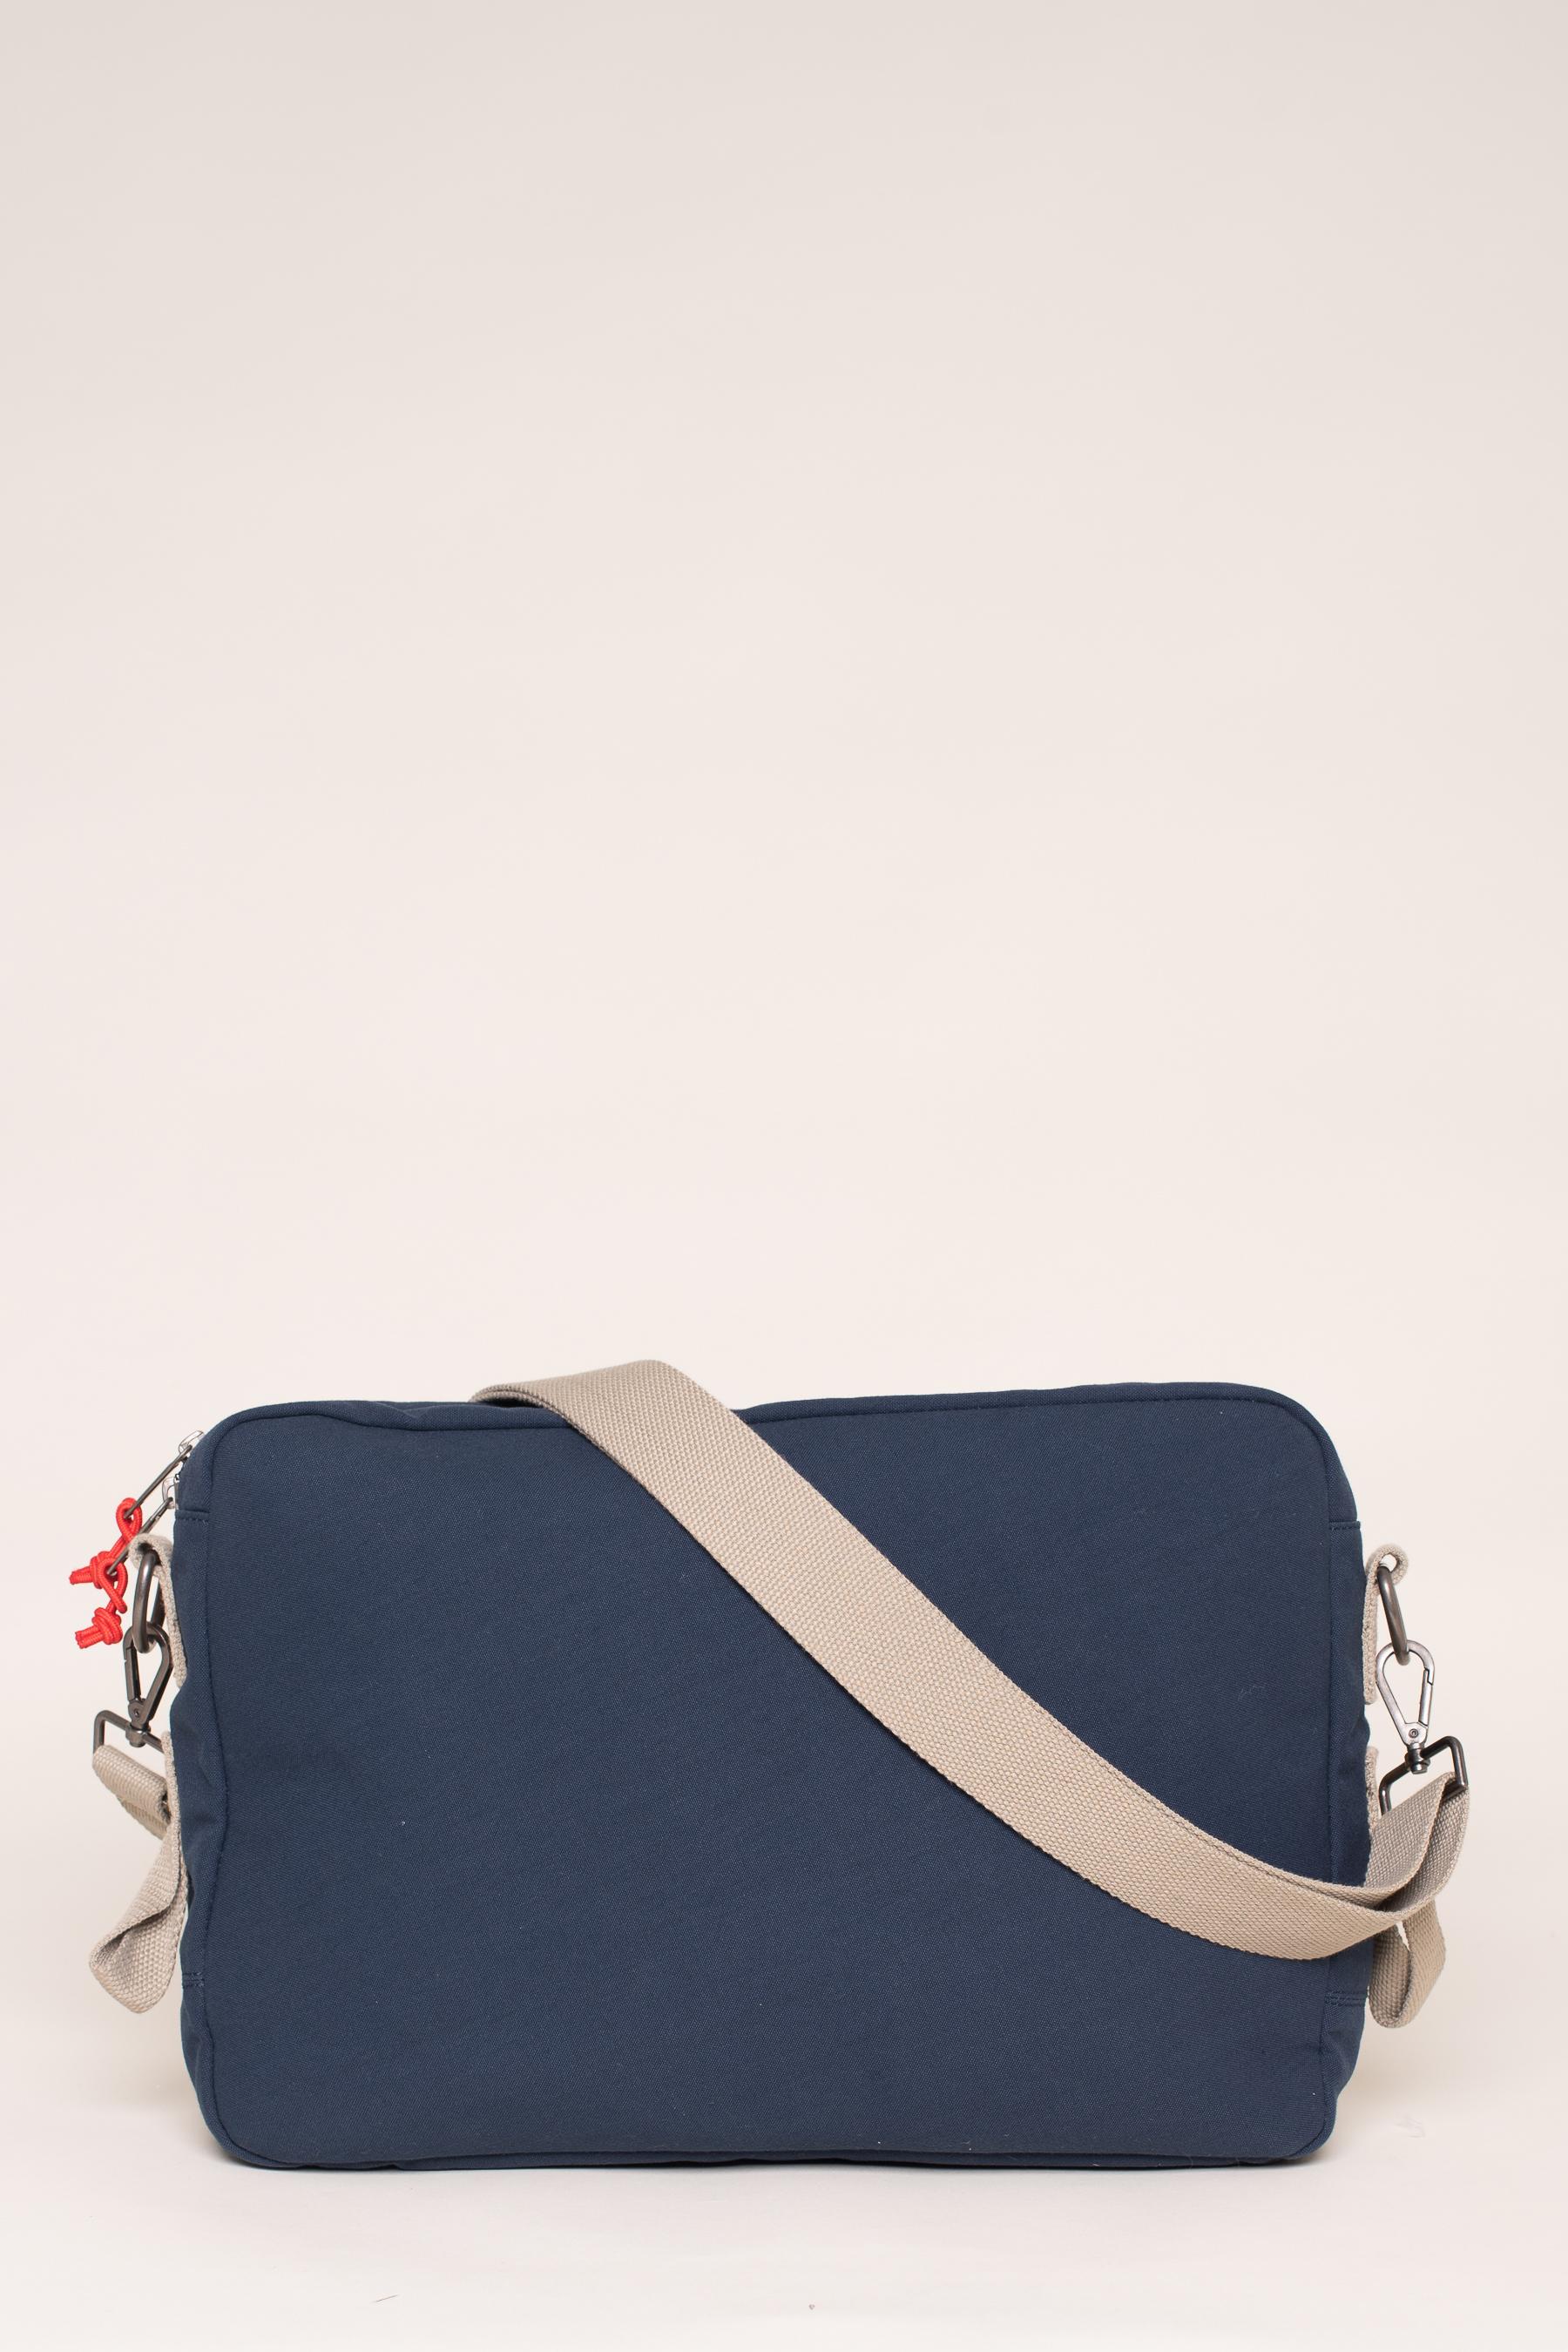 Brakeburn Navy Messenger Bag